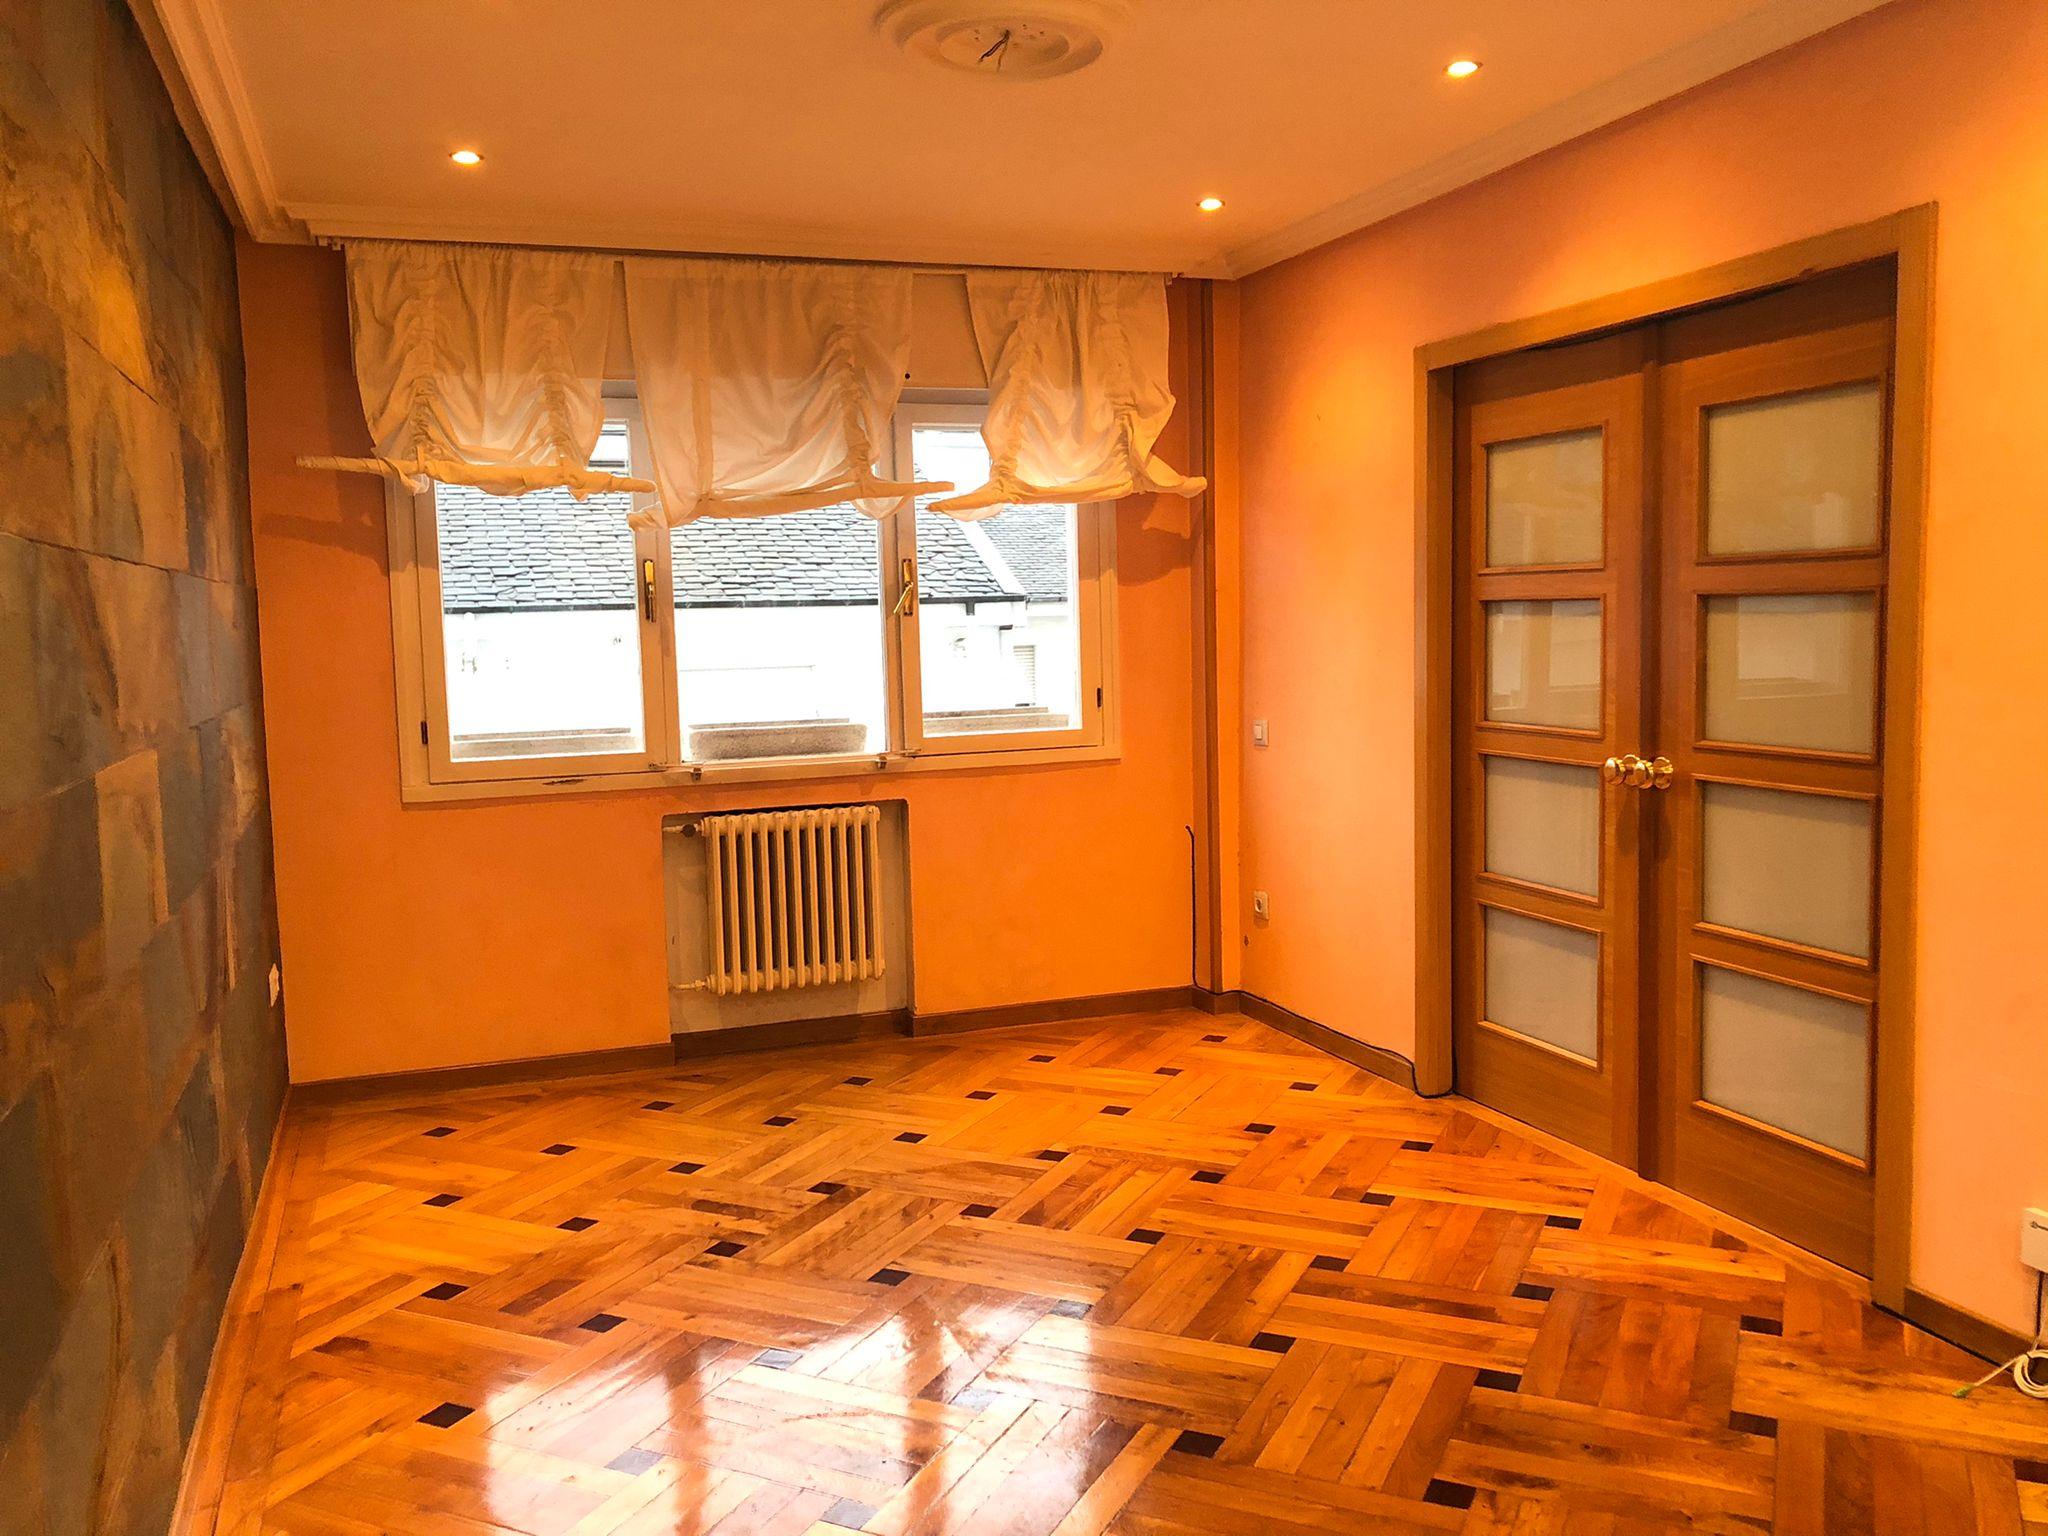 Se alquila piso en la zona del Parque San Francisco, Oviedo.